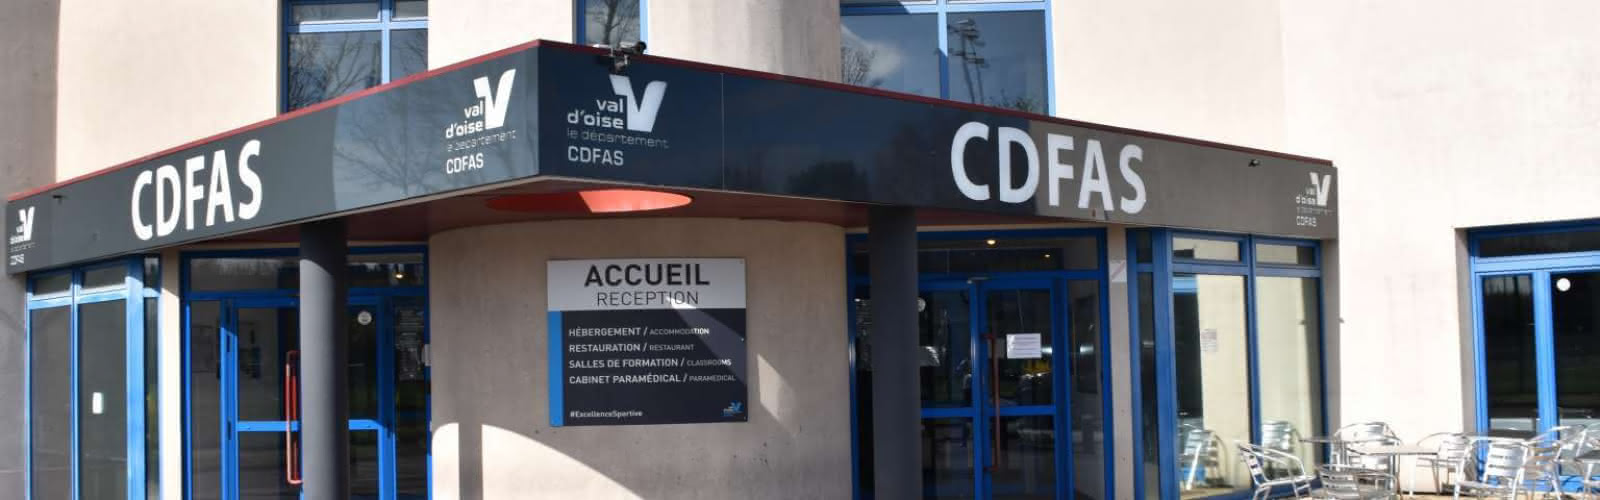 Bandeau Façade CDFAS